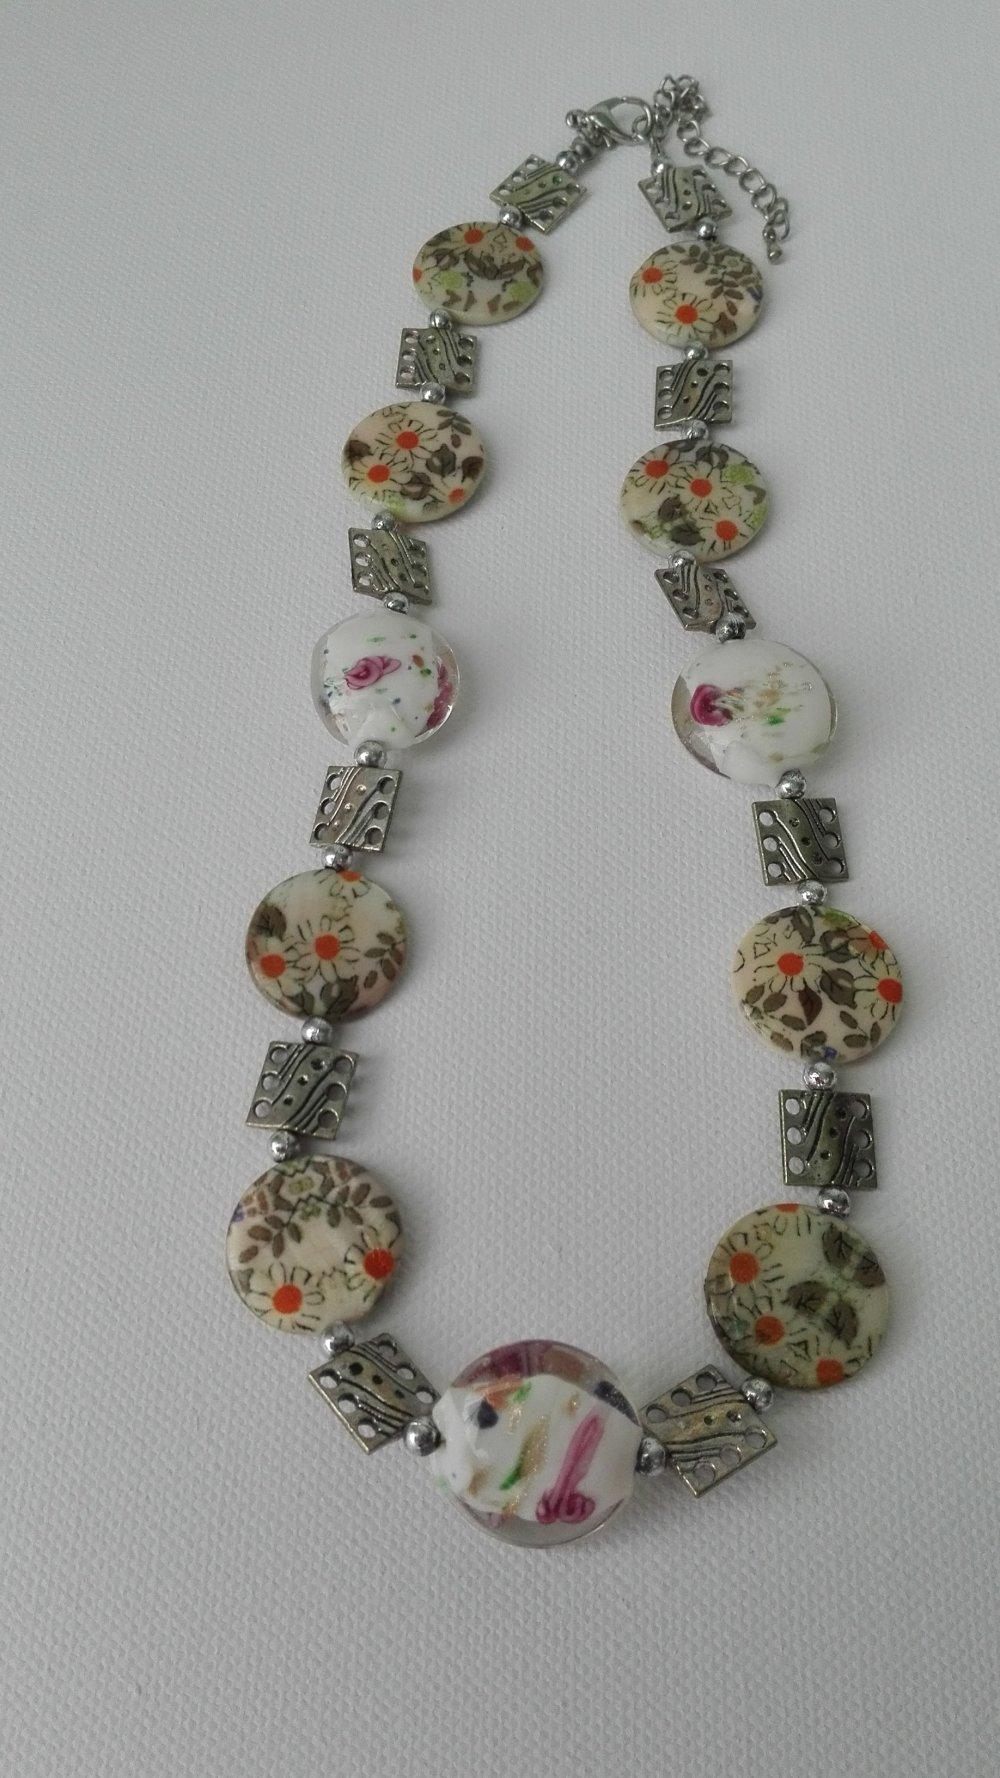 Collier, fleur en nacre , perles de verre aux chalumeau, intercalaires en métal argenté